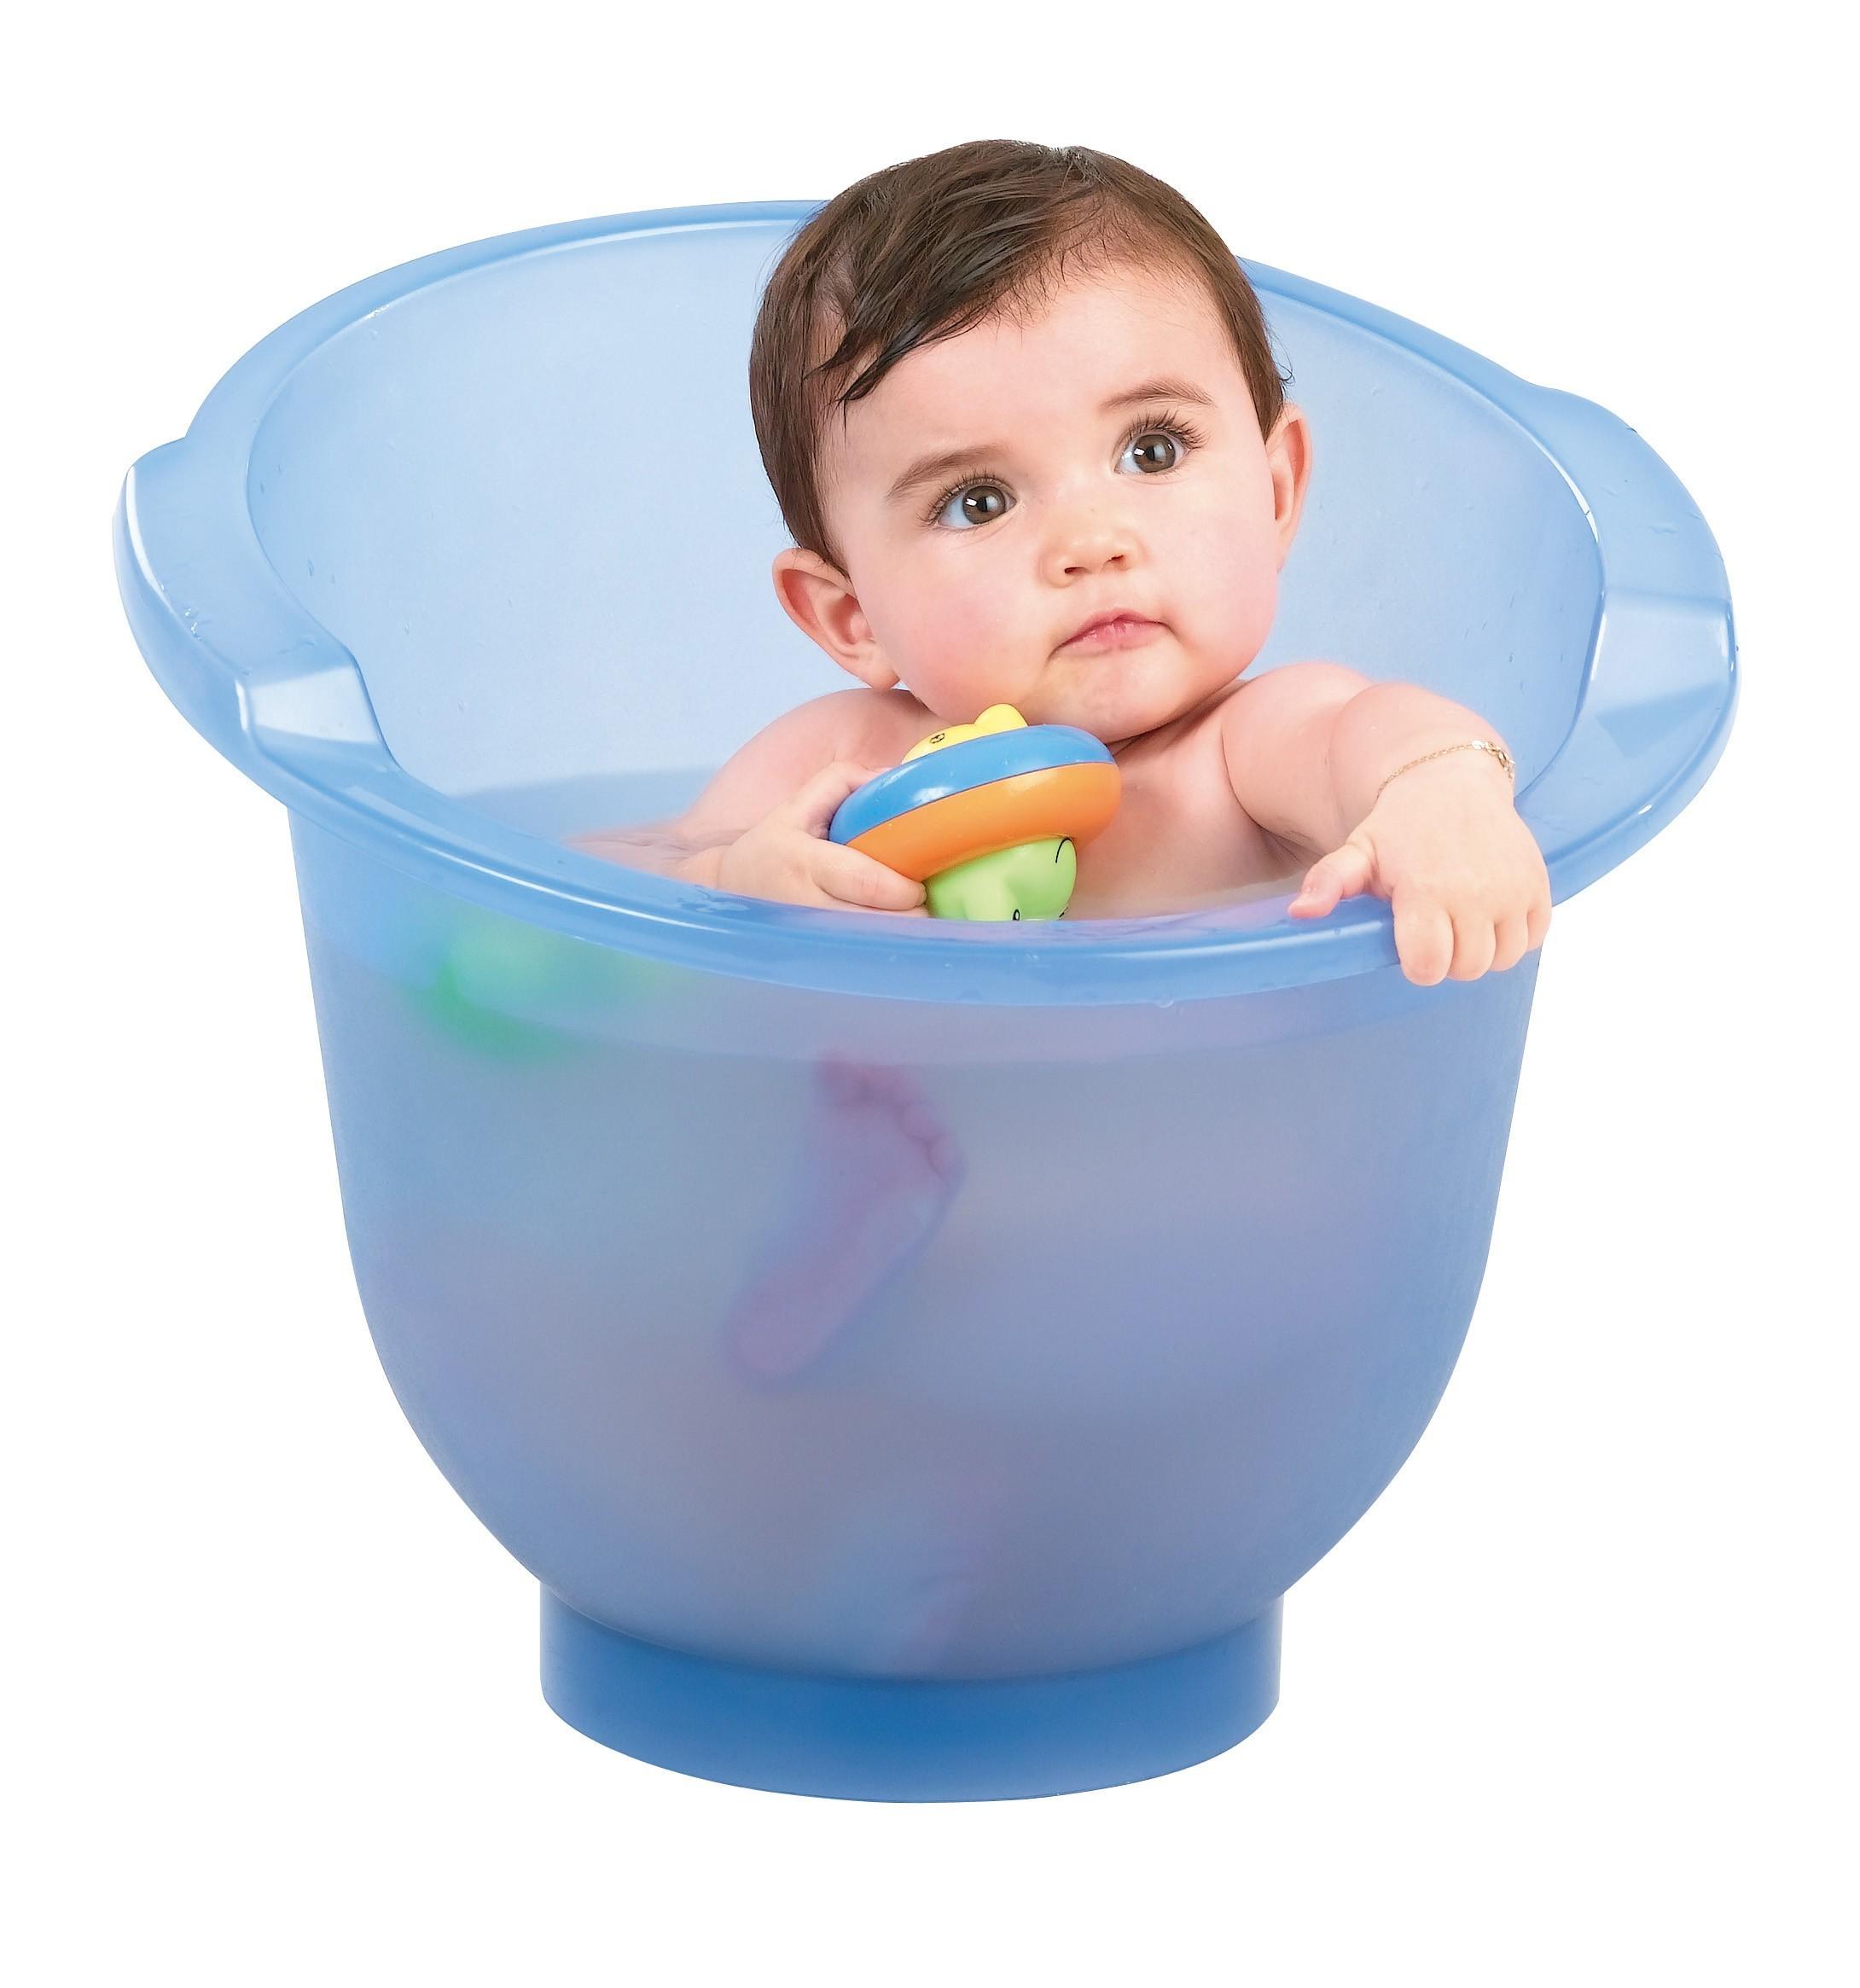 Neonato e vasca per il bagnetto: tutti i tipi e i modelli [foto ...